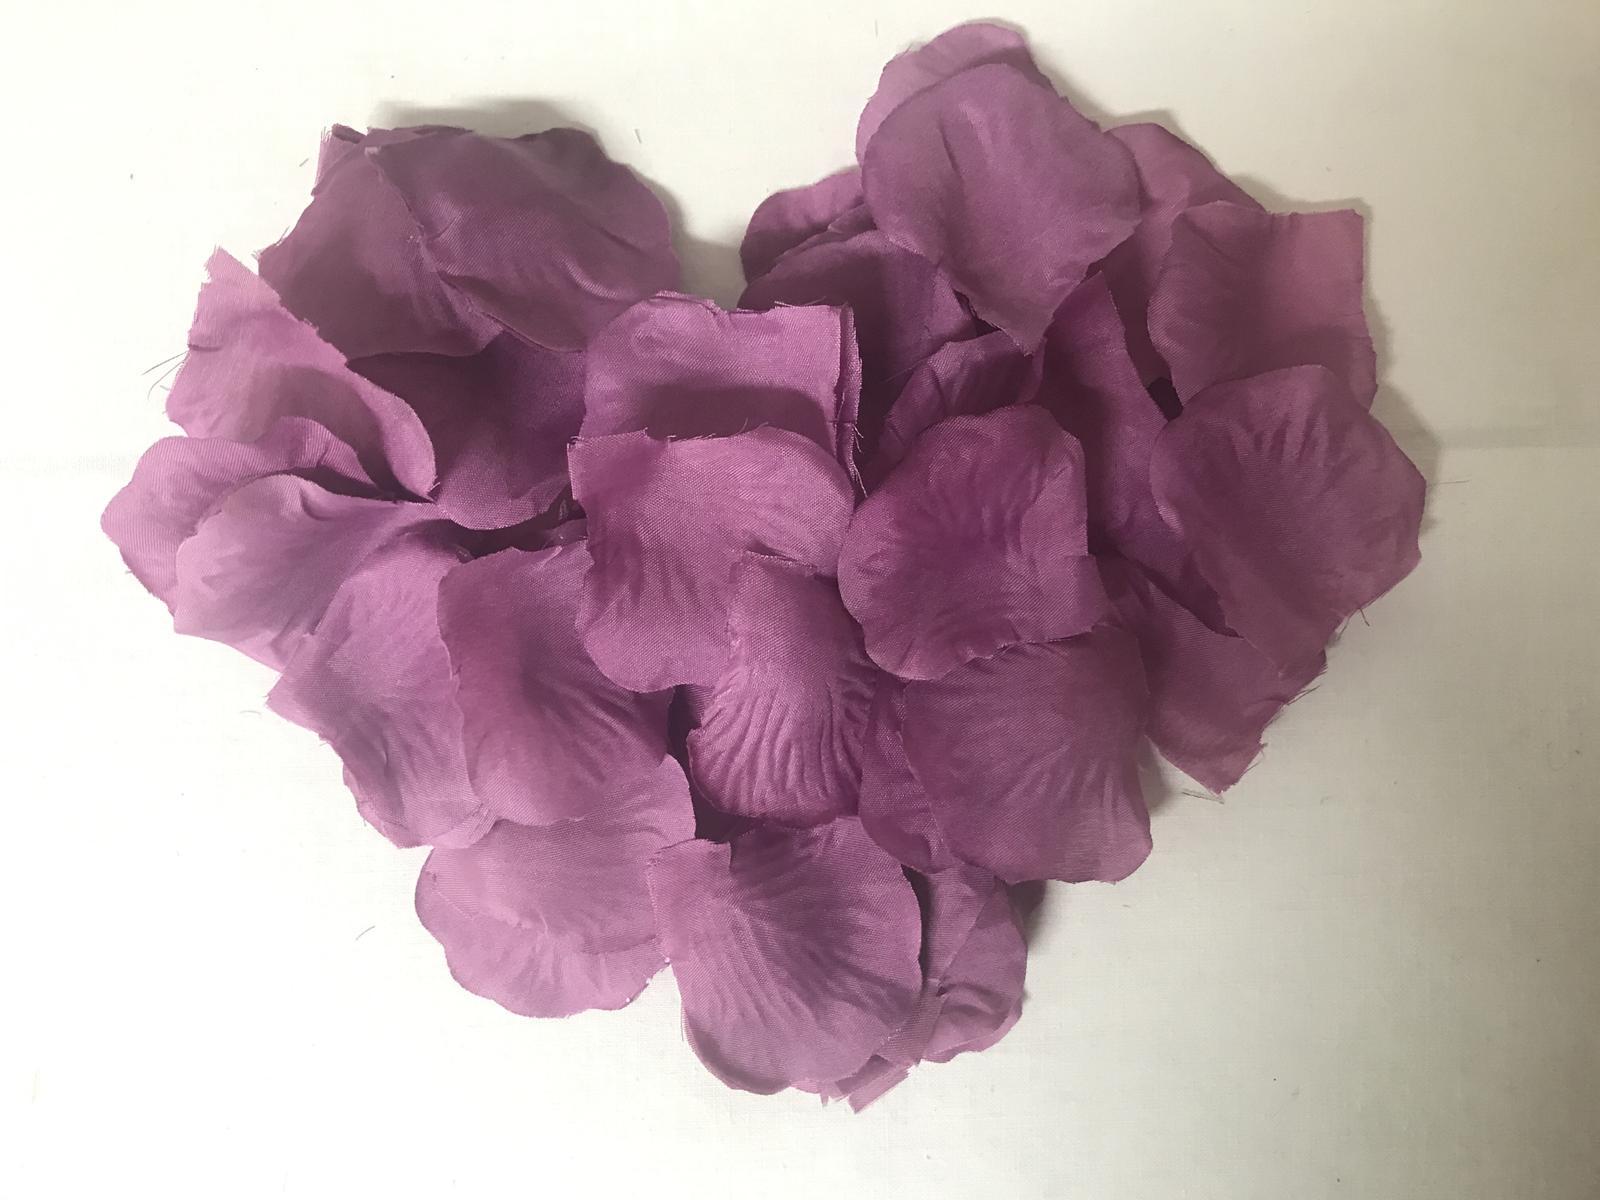 Lupene ruží 500 ks v balení  - Obrázok č. 1